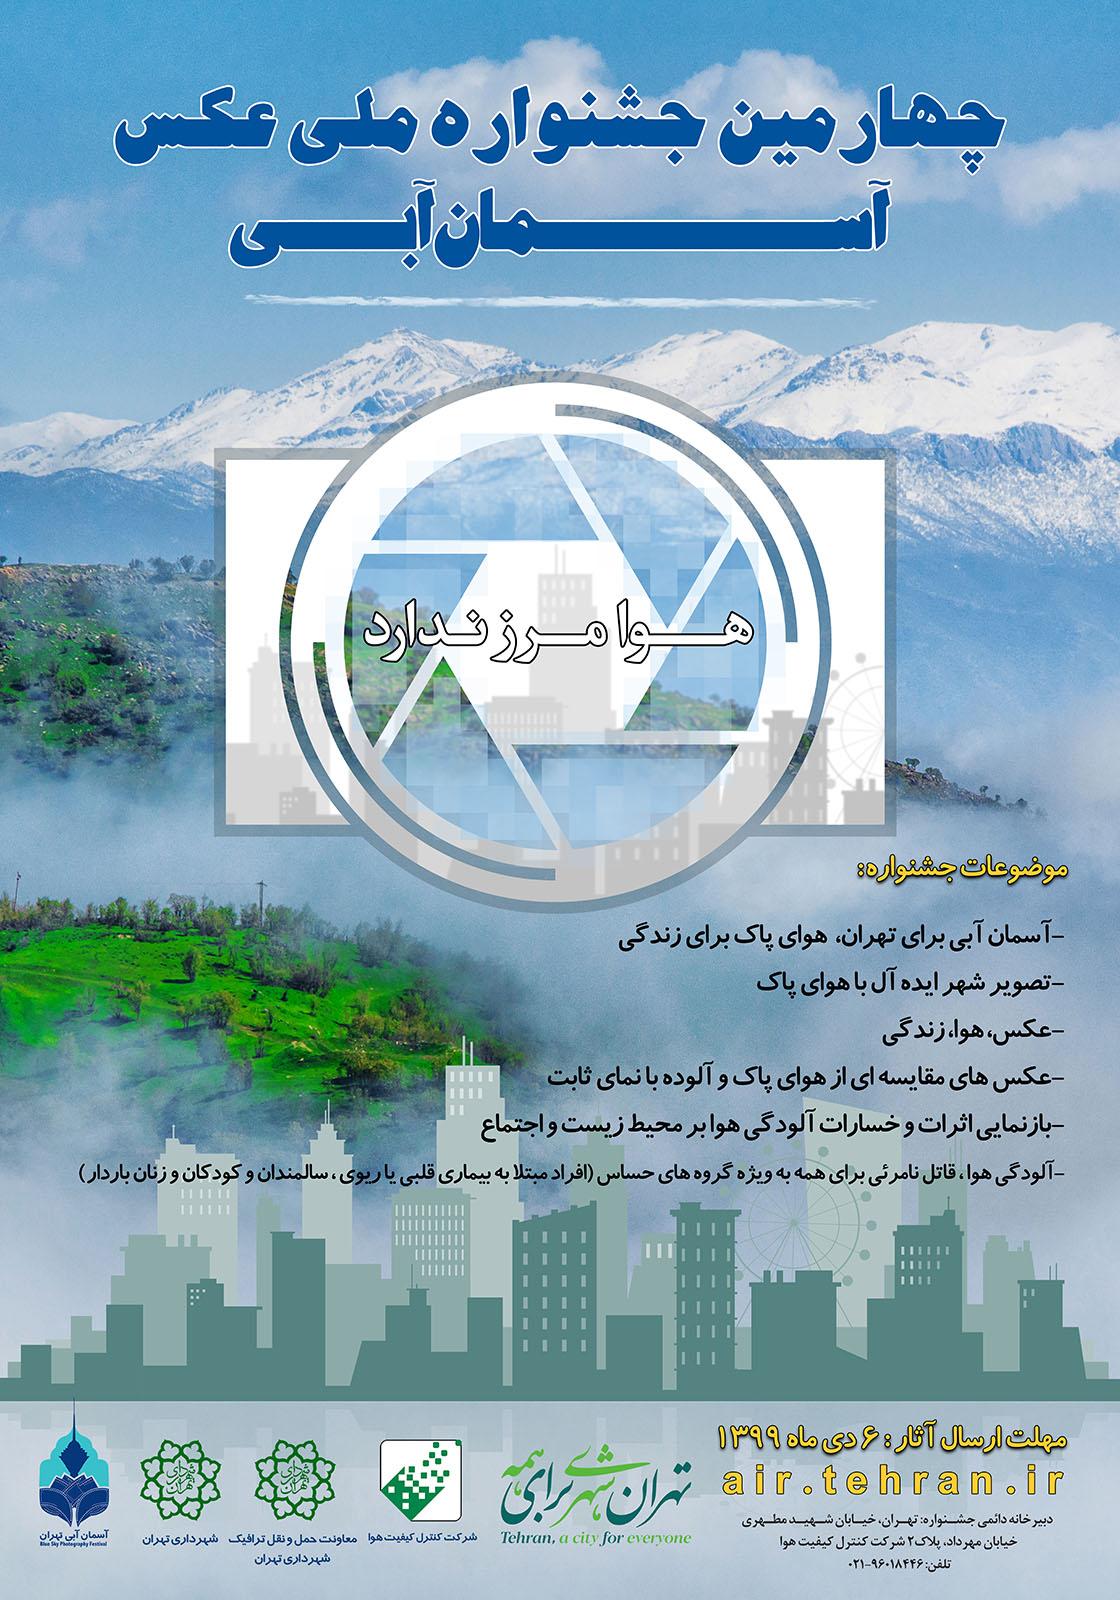 فراخوان چهارمین جشنواره ملی عکس آسمان آبی